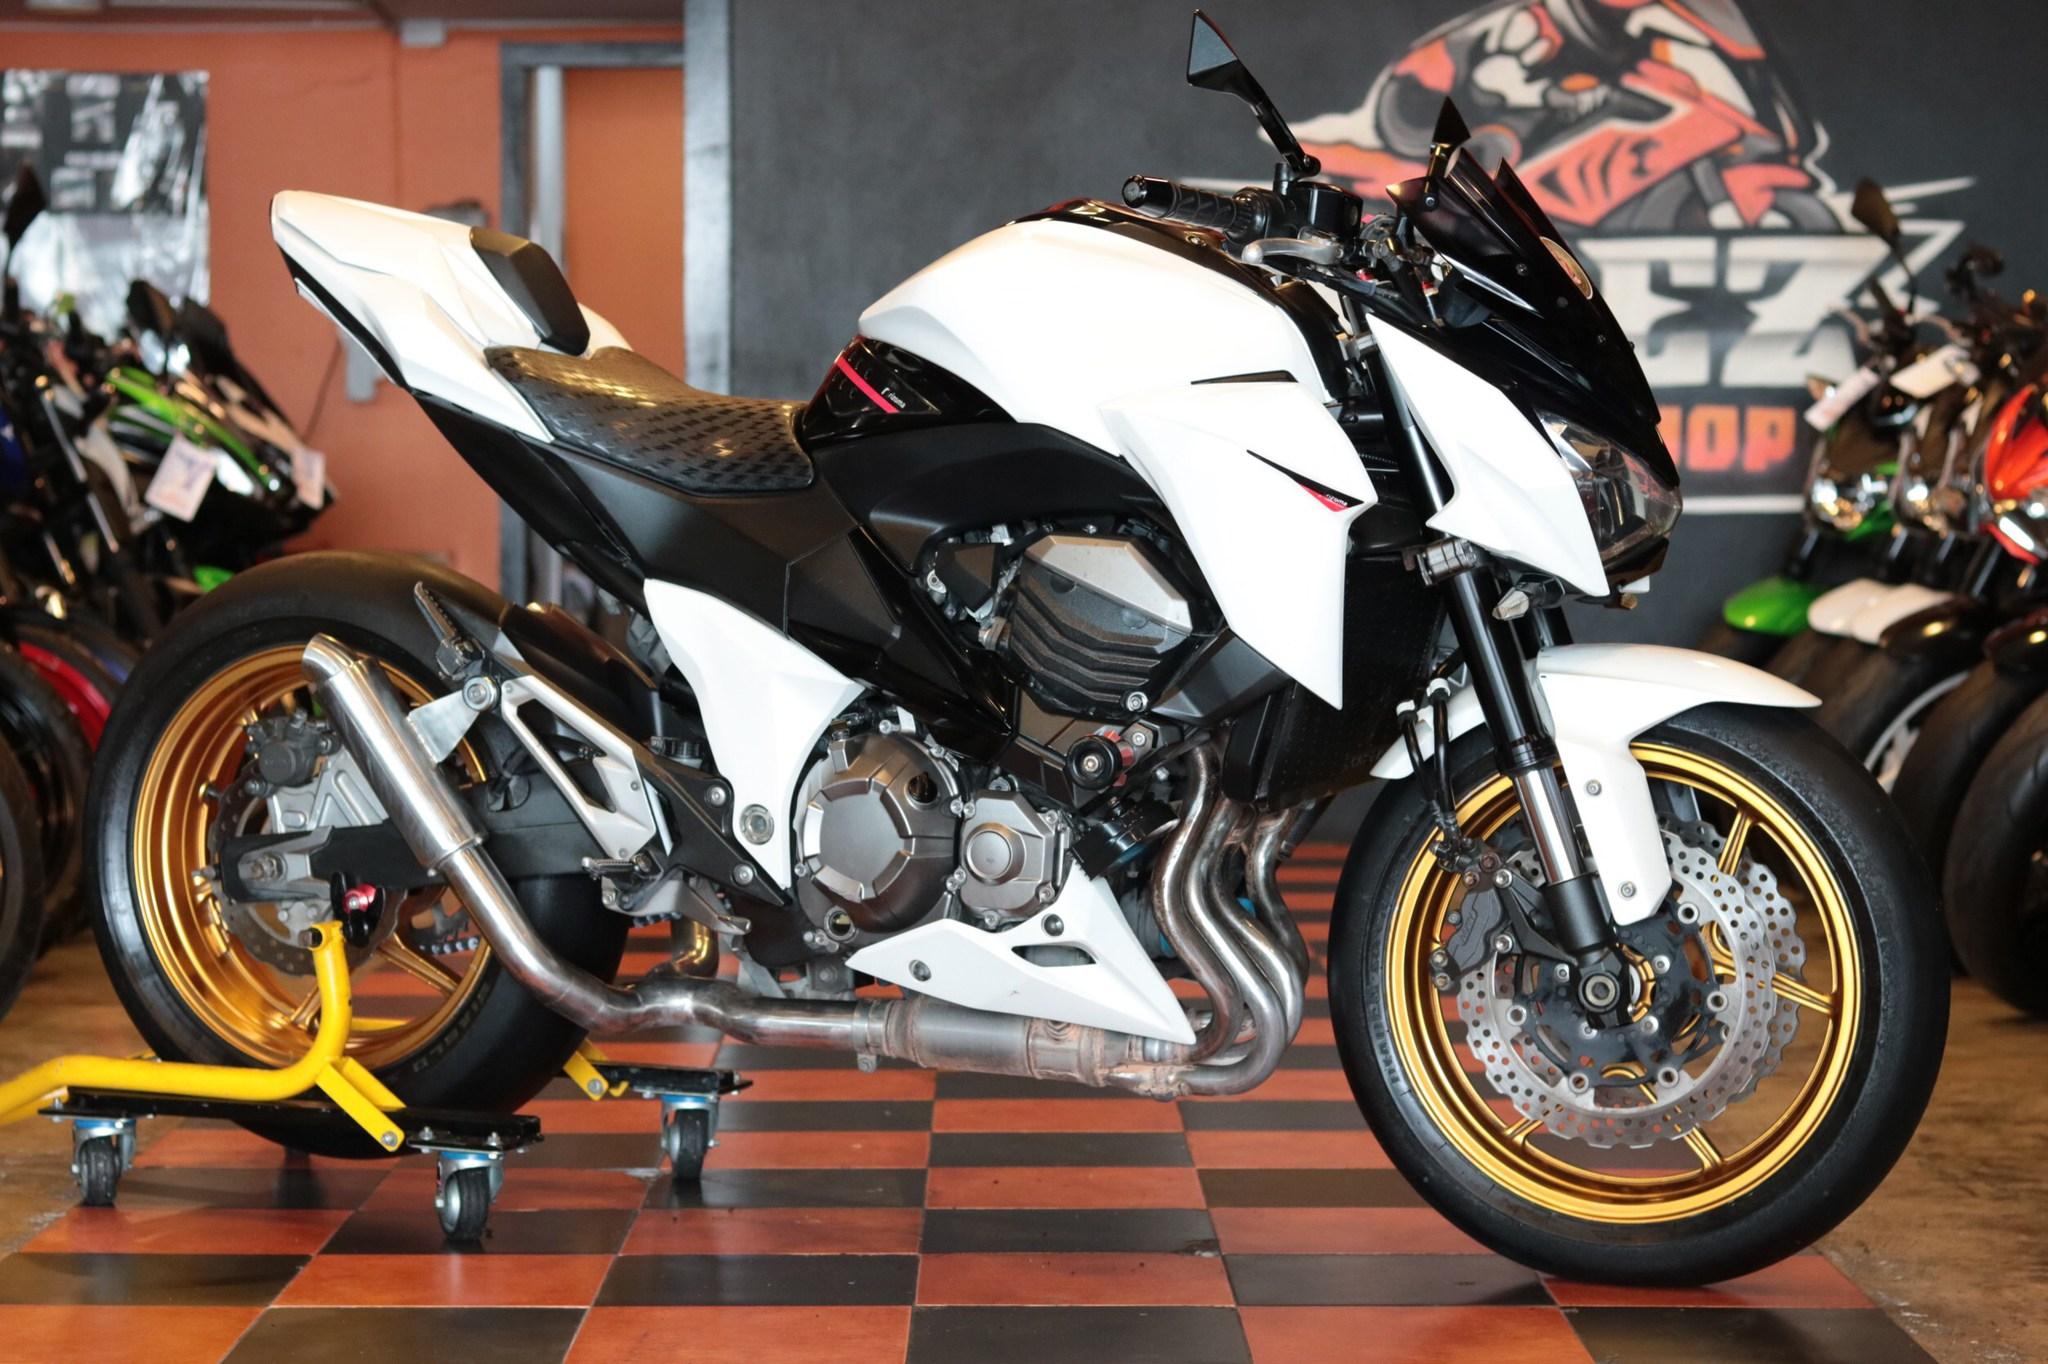 ขาย Kawasaki Z800 ปี 2013